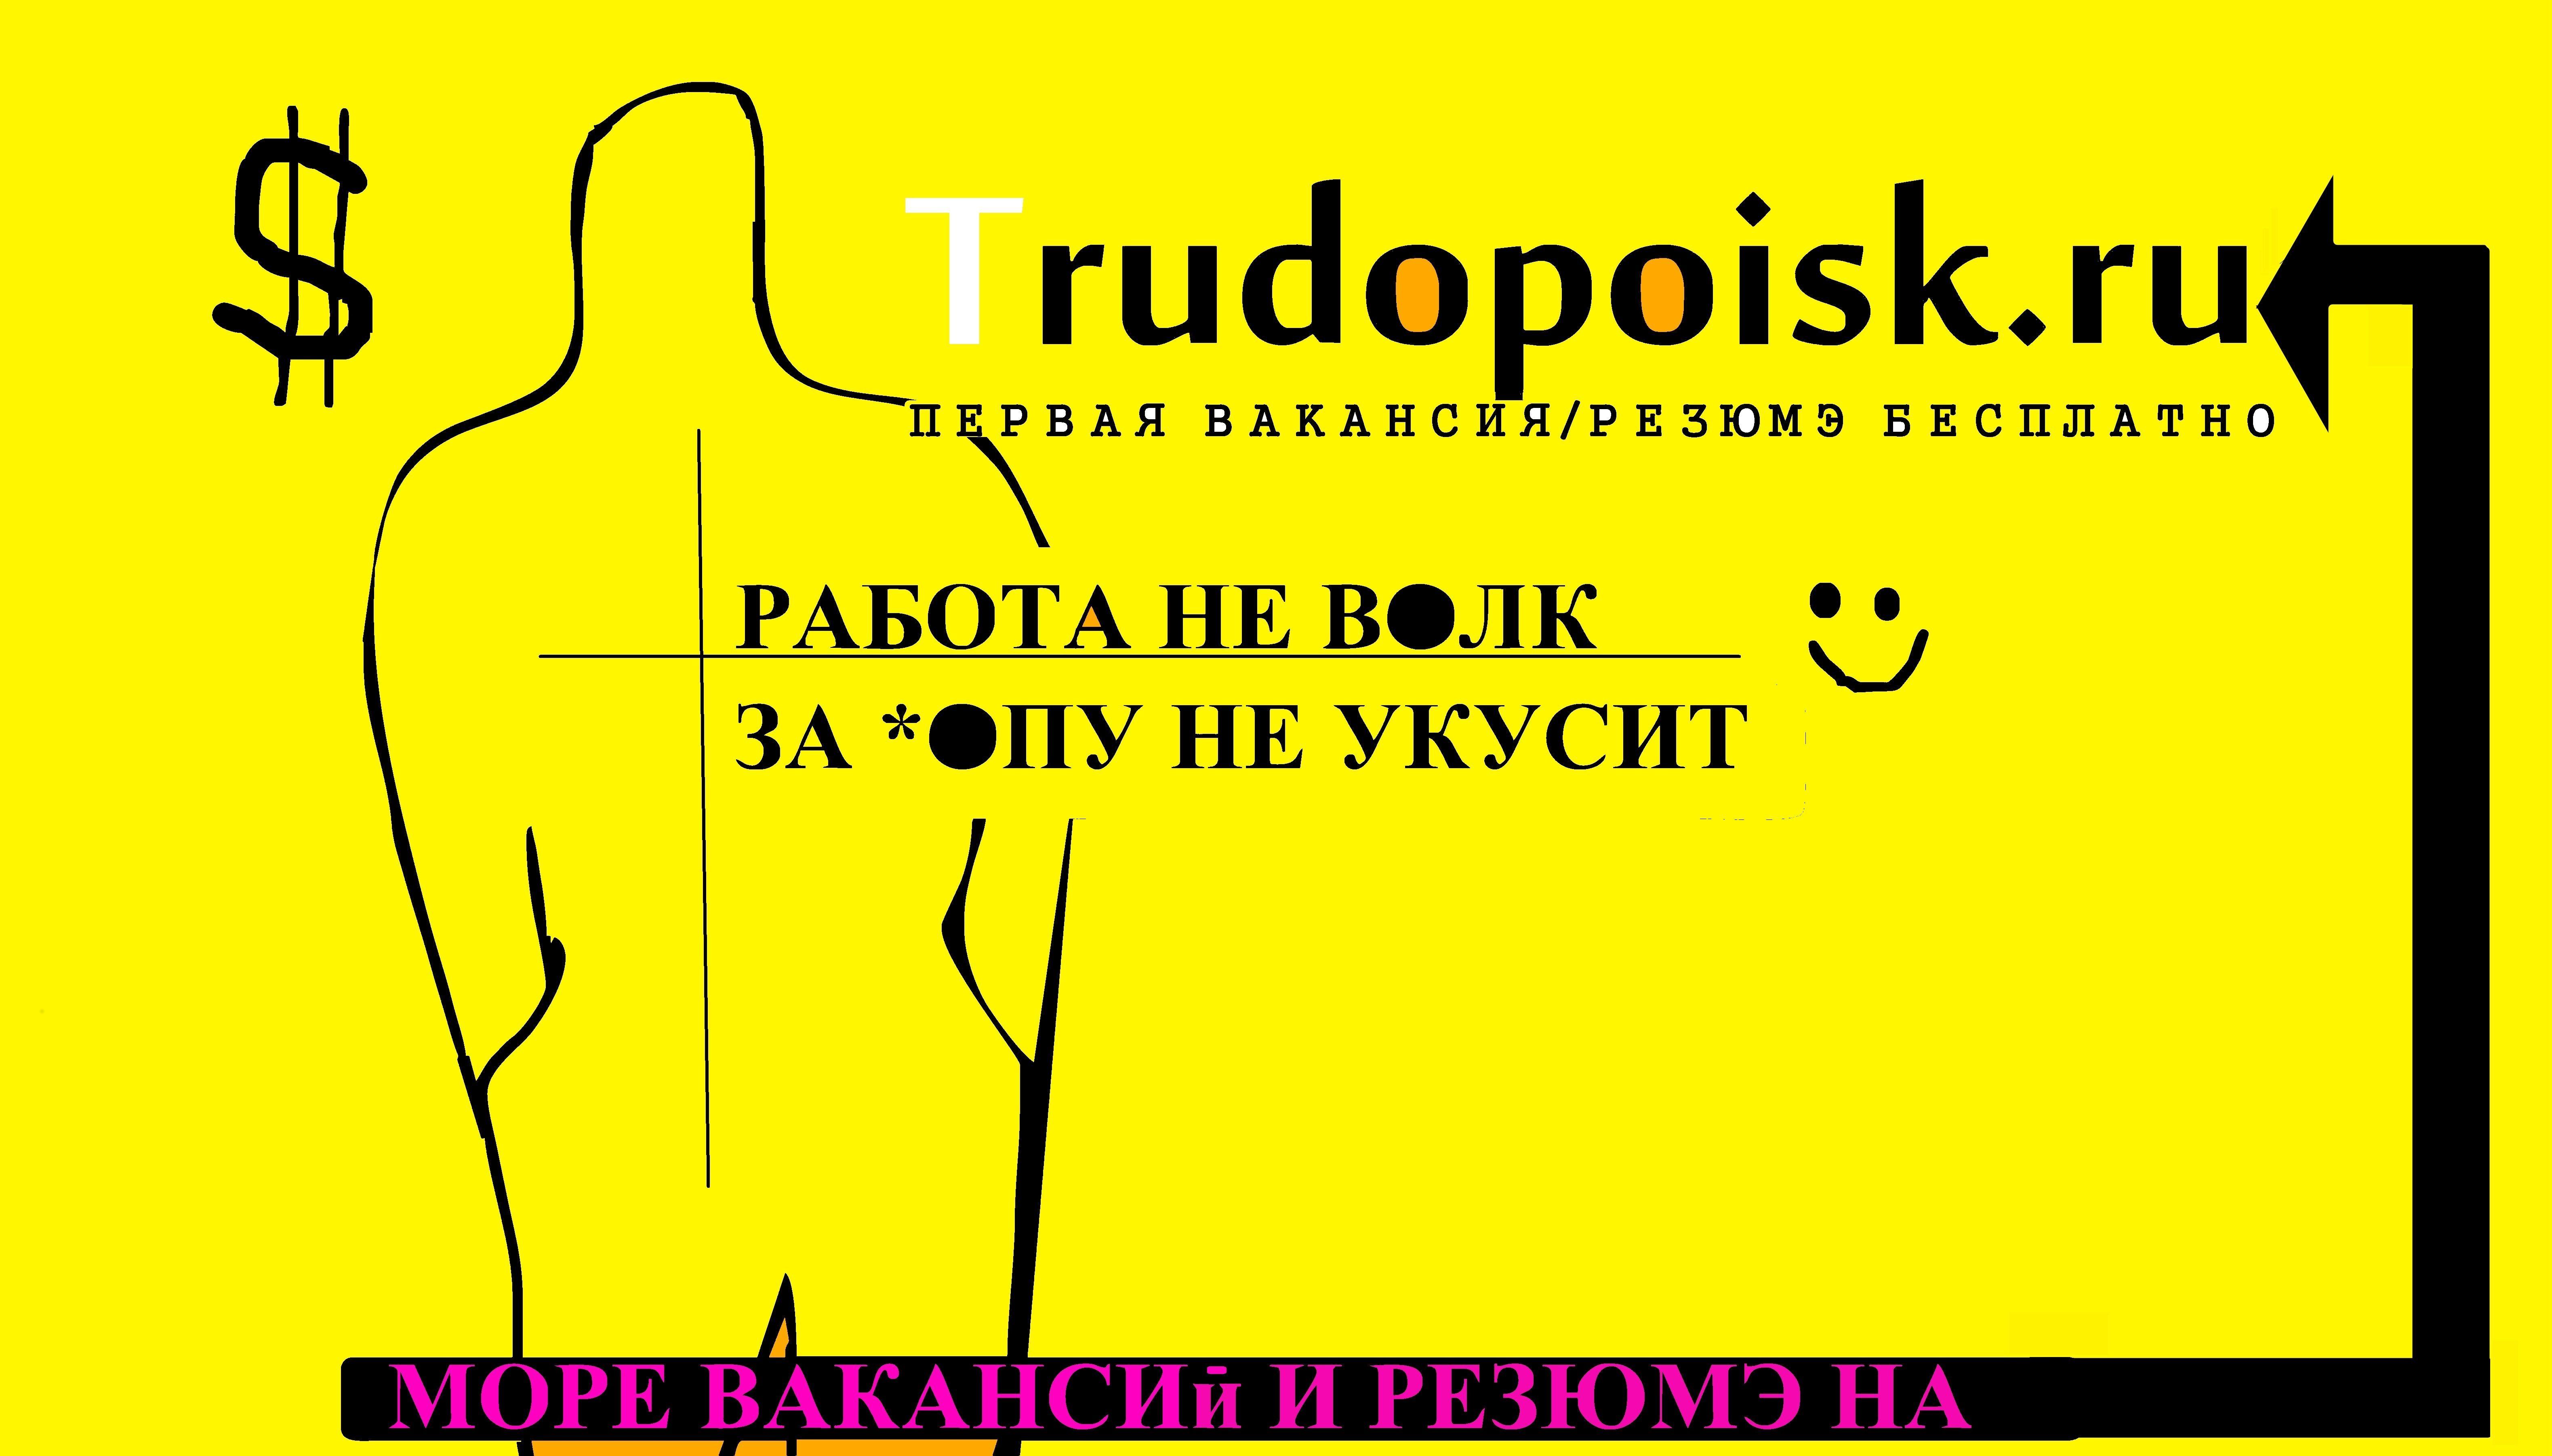 Креатив для постера Трудопоиск.ру  - дизайнер AlSunShine